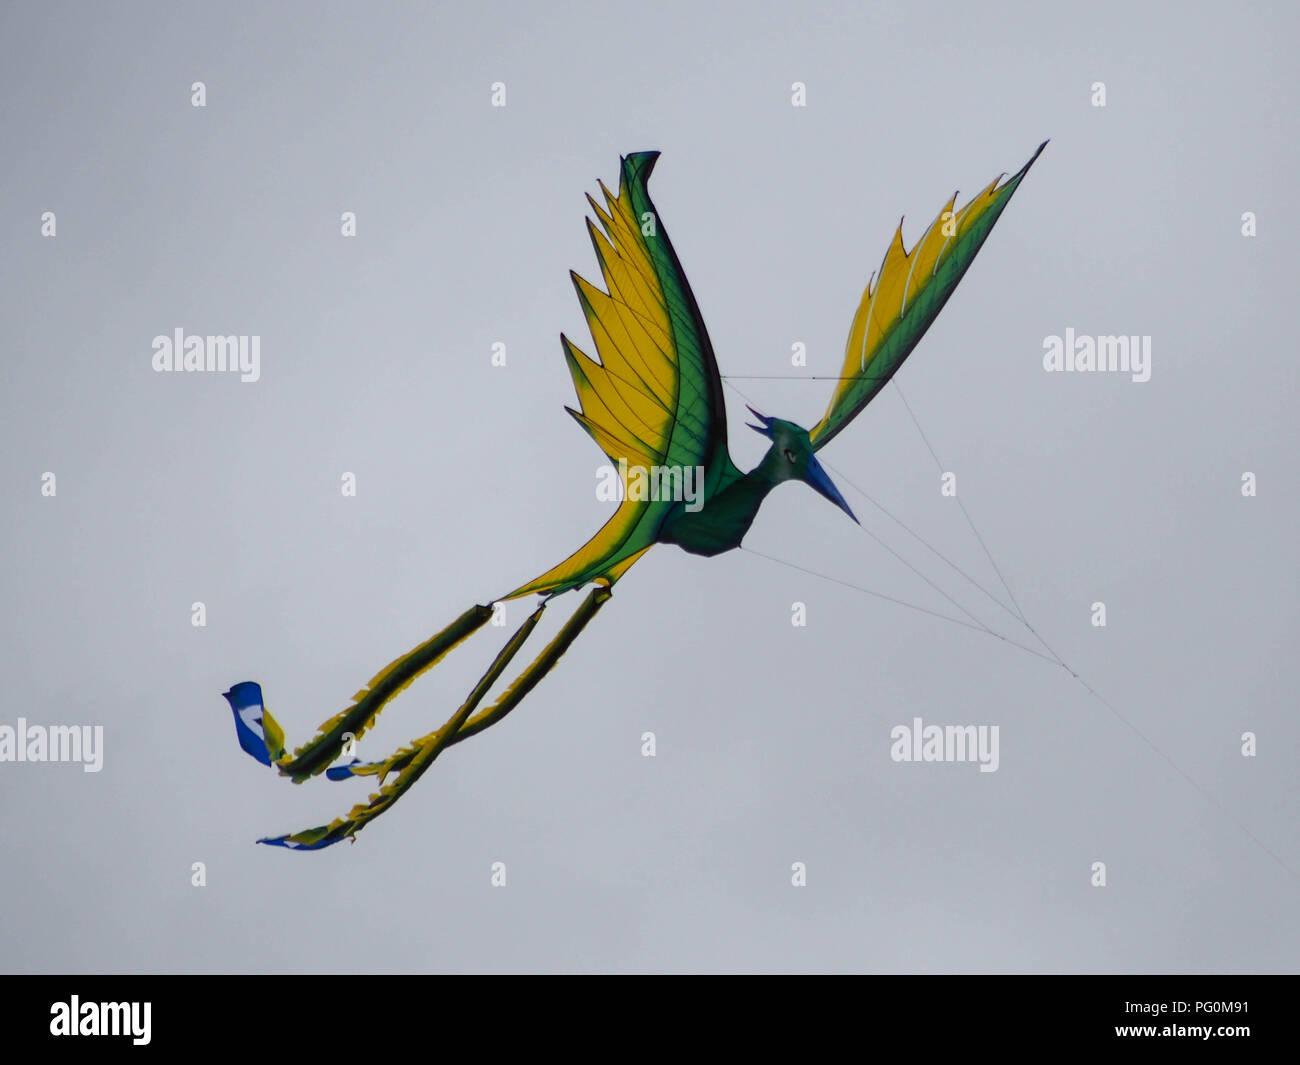 Stork Kites flying at Portsmouth International Kite Festival, England - Stock Image